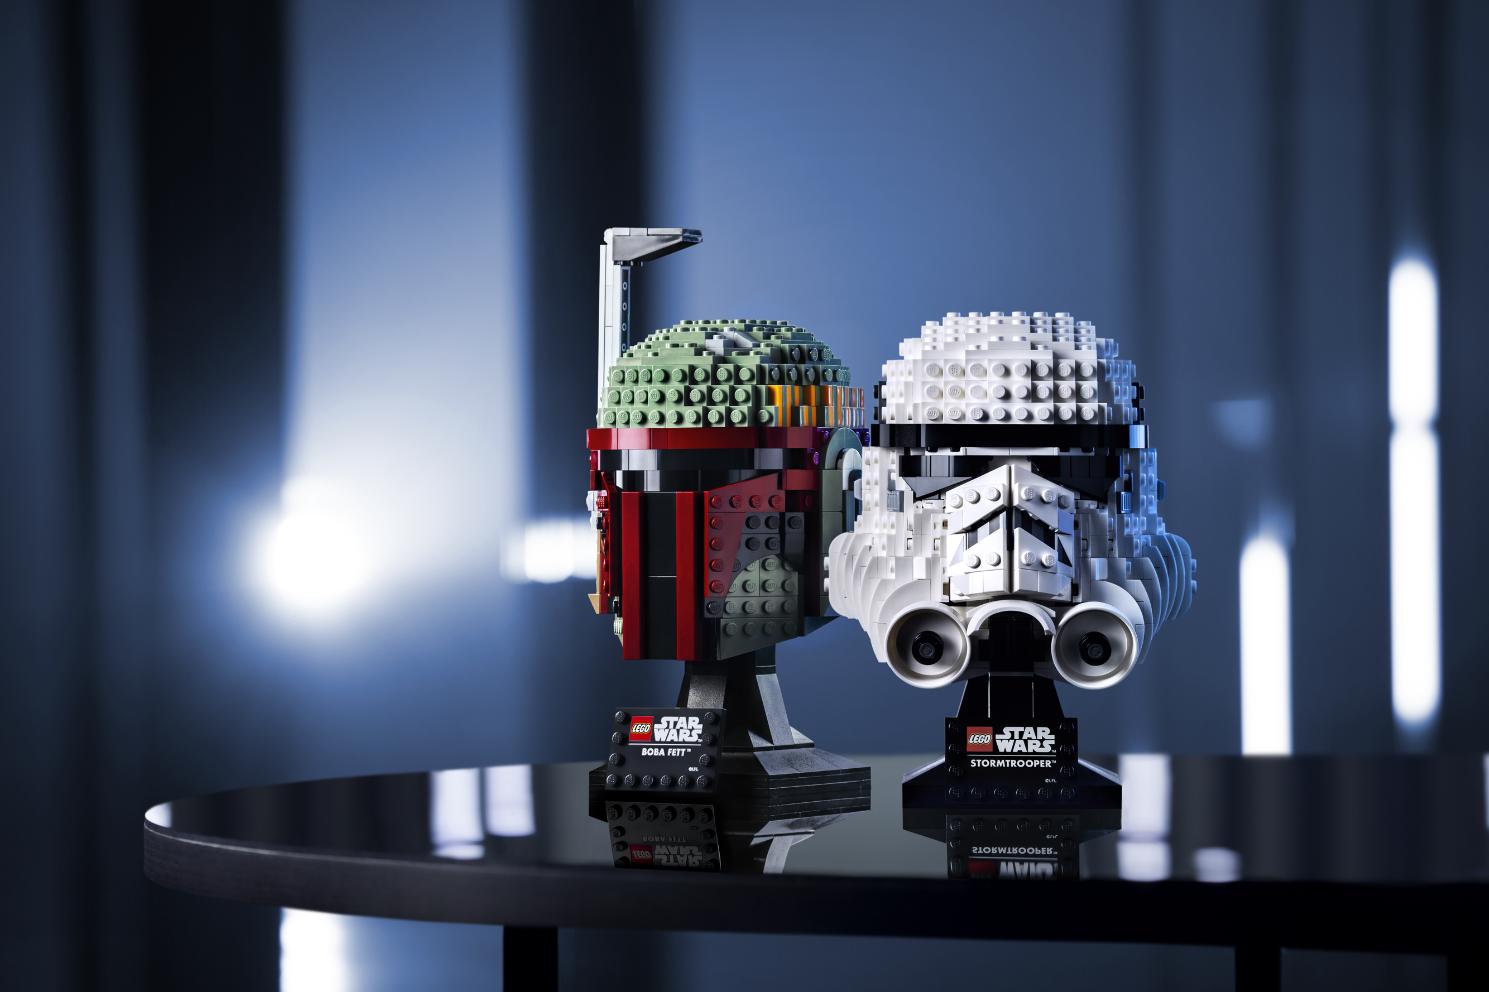 I nuovi set LEGO Star Wars ti portano nel lato oscuro della forza thumbnail